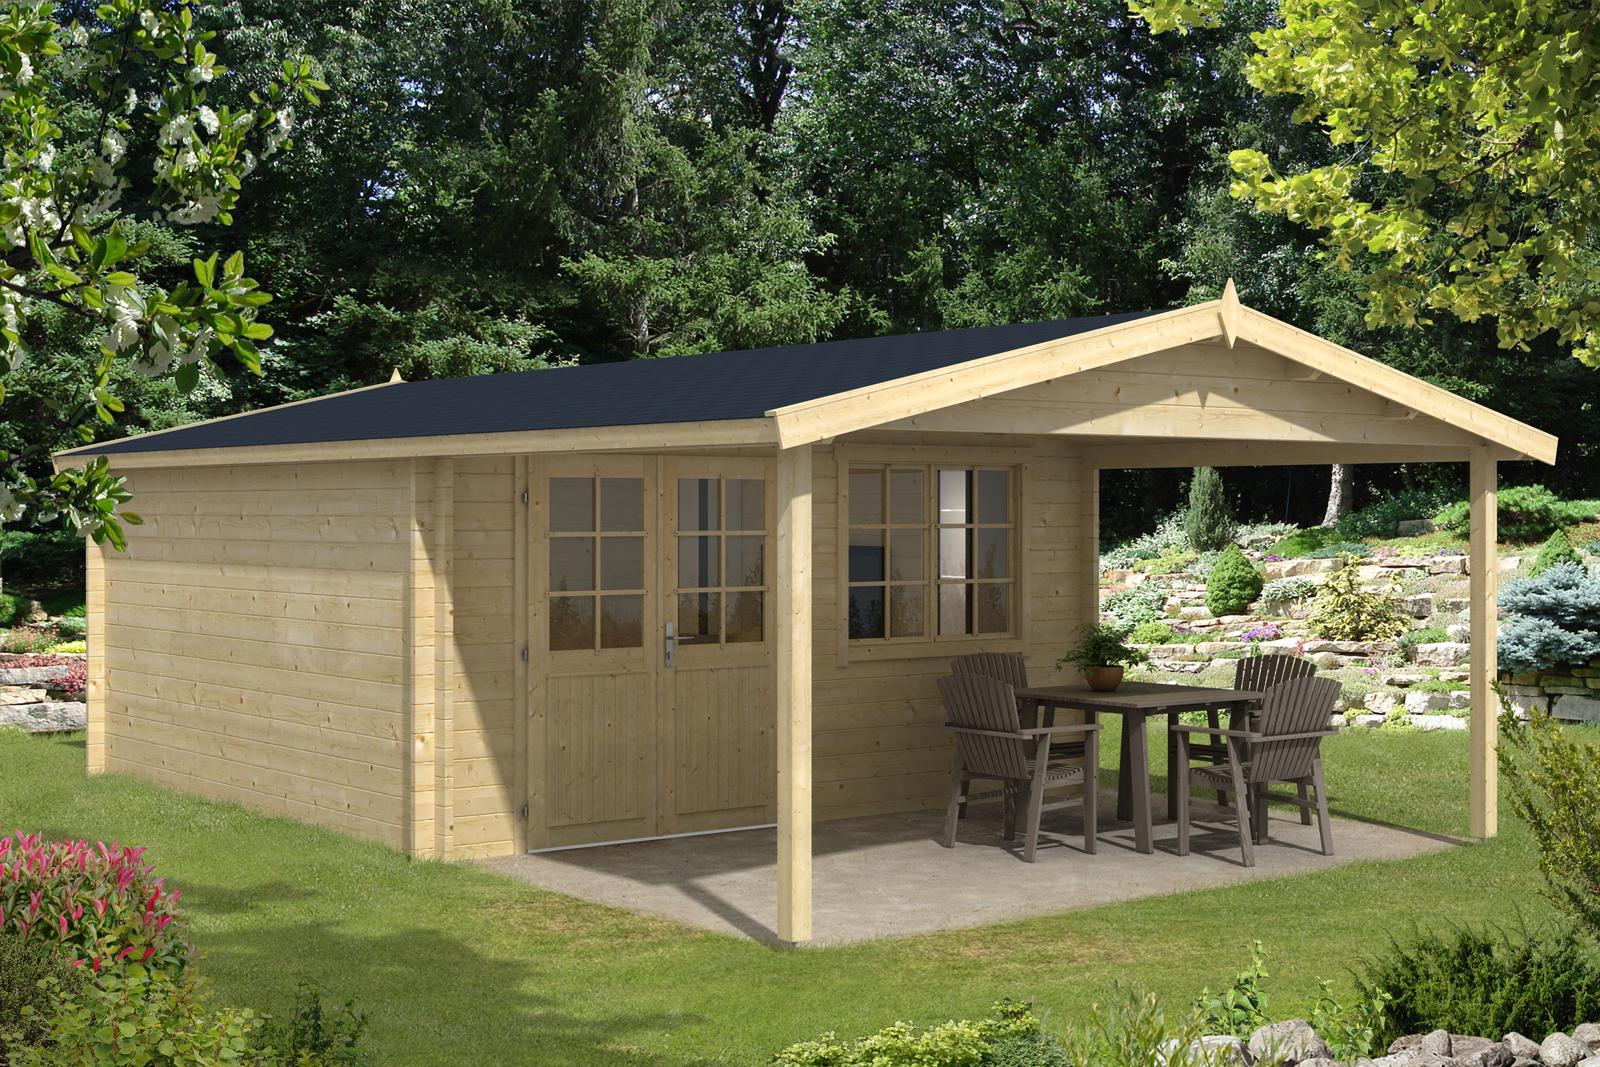 gartenhaus jakob 44 iso gartenhaus jakob 44 iso. Black Bedroom Furniture Sets. Home Design Ideas